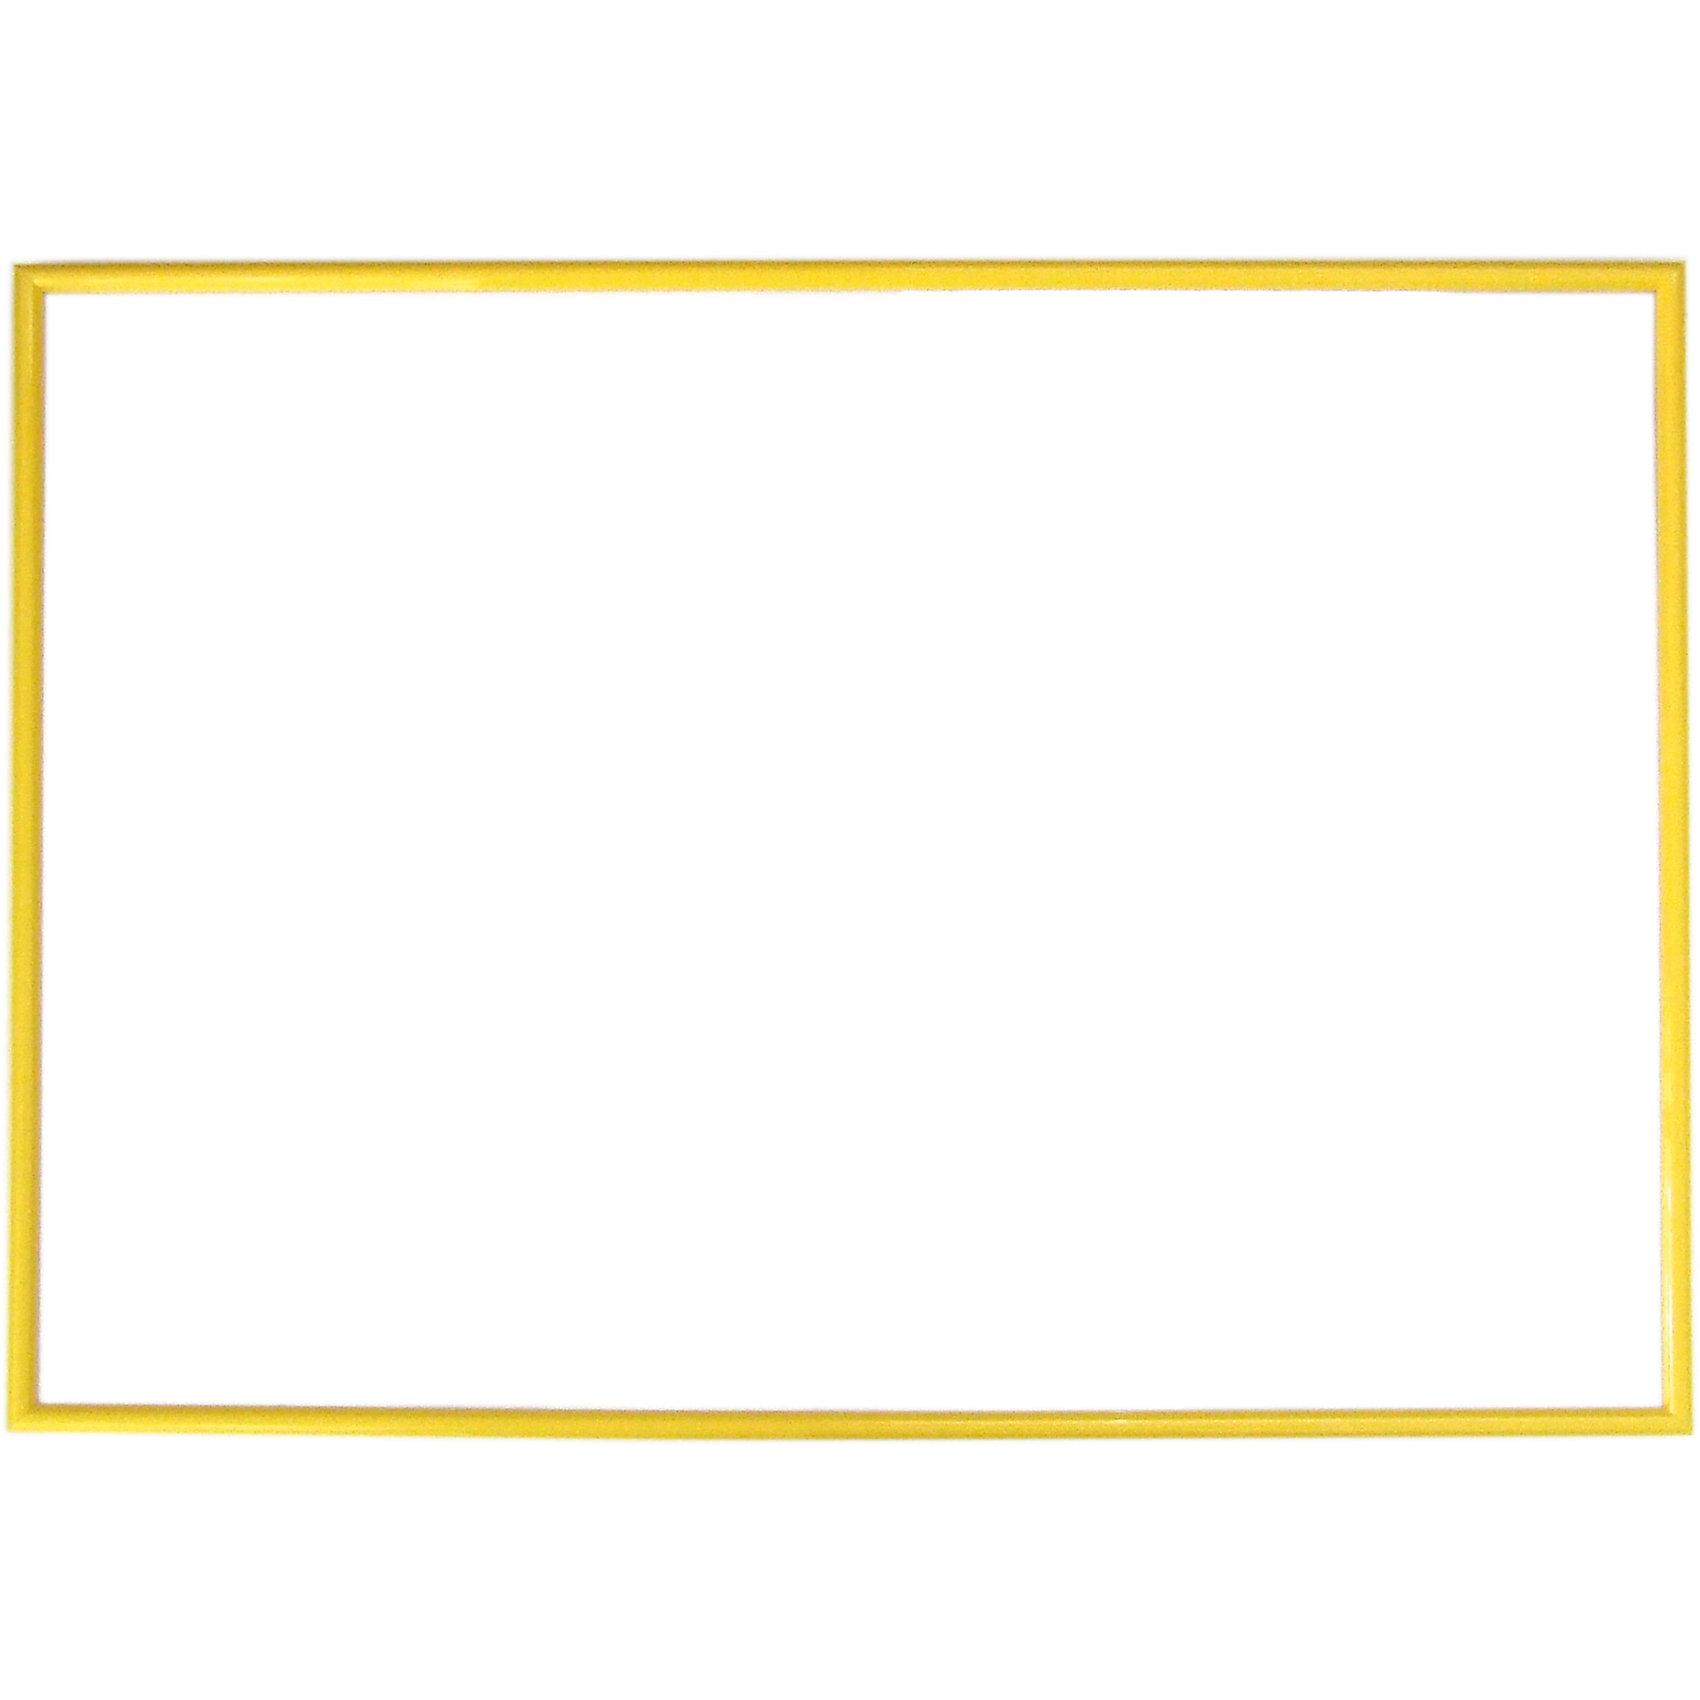 Рамка для пазла 1000/1500 деталей, 50х70 см, желтаяРамка для пазла 1000/1500 деталей, 50х70 см, желтая позволит придать собранной картинке из пазлов благородный вид, словно это настоящая картина!<br><br>Дополнительная информация:<br>-Размер пазла: 50х70 см (1000/1500 деталей)<br>-Цвет рамы: желтый<br>-Материалы: пластик<br>-Ширина профиля: 1 см<br><br>Рамку для пазла 1000/1500 деталей, 50х70 см, желтая можно купить в нашем магазине.<br><br>Ширина мм: 500<br>Глубина мм: 700<br>Высота мм: 20<br>Вес г: 500<br>Возраст от месяцев: 72<br>Возраст до месяцев: 192<br>Пол: Унисекс<br>Возраст: Детский<br>SKU: 4244028